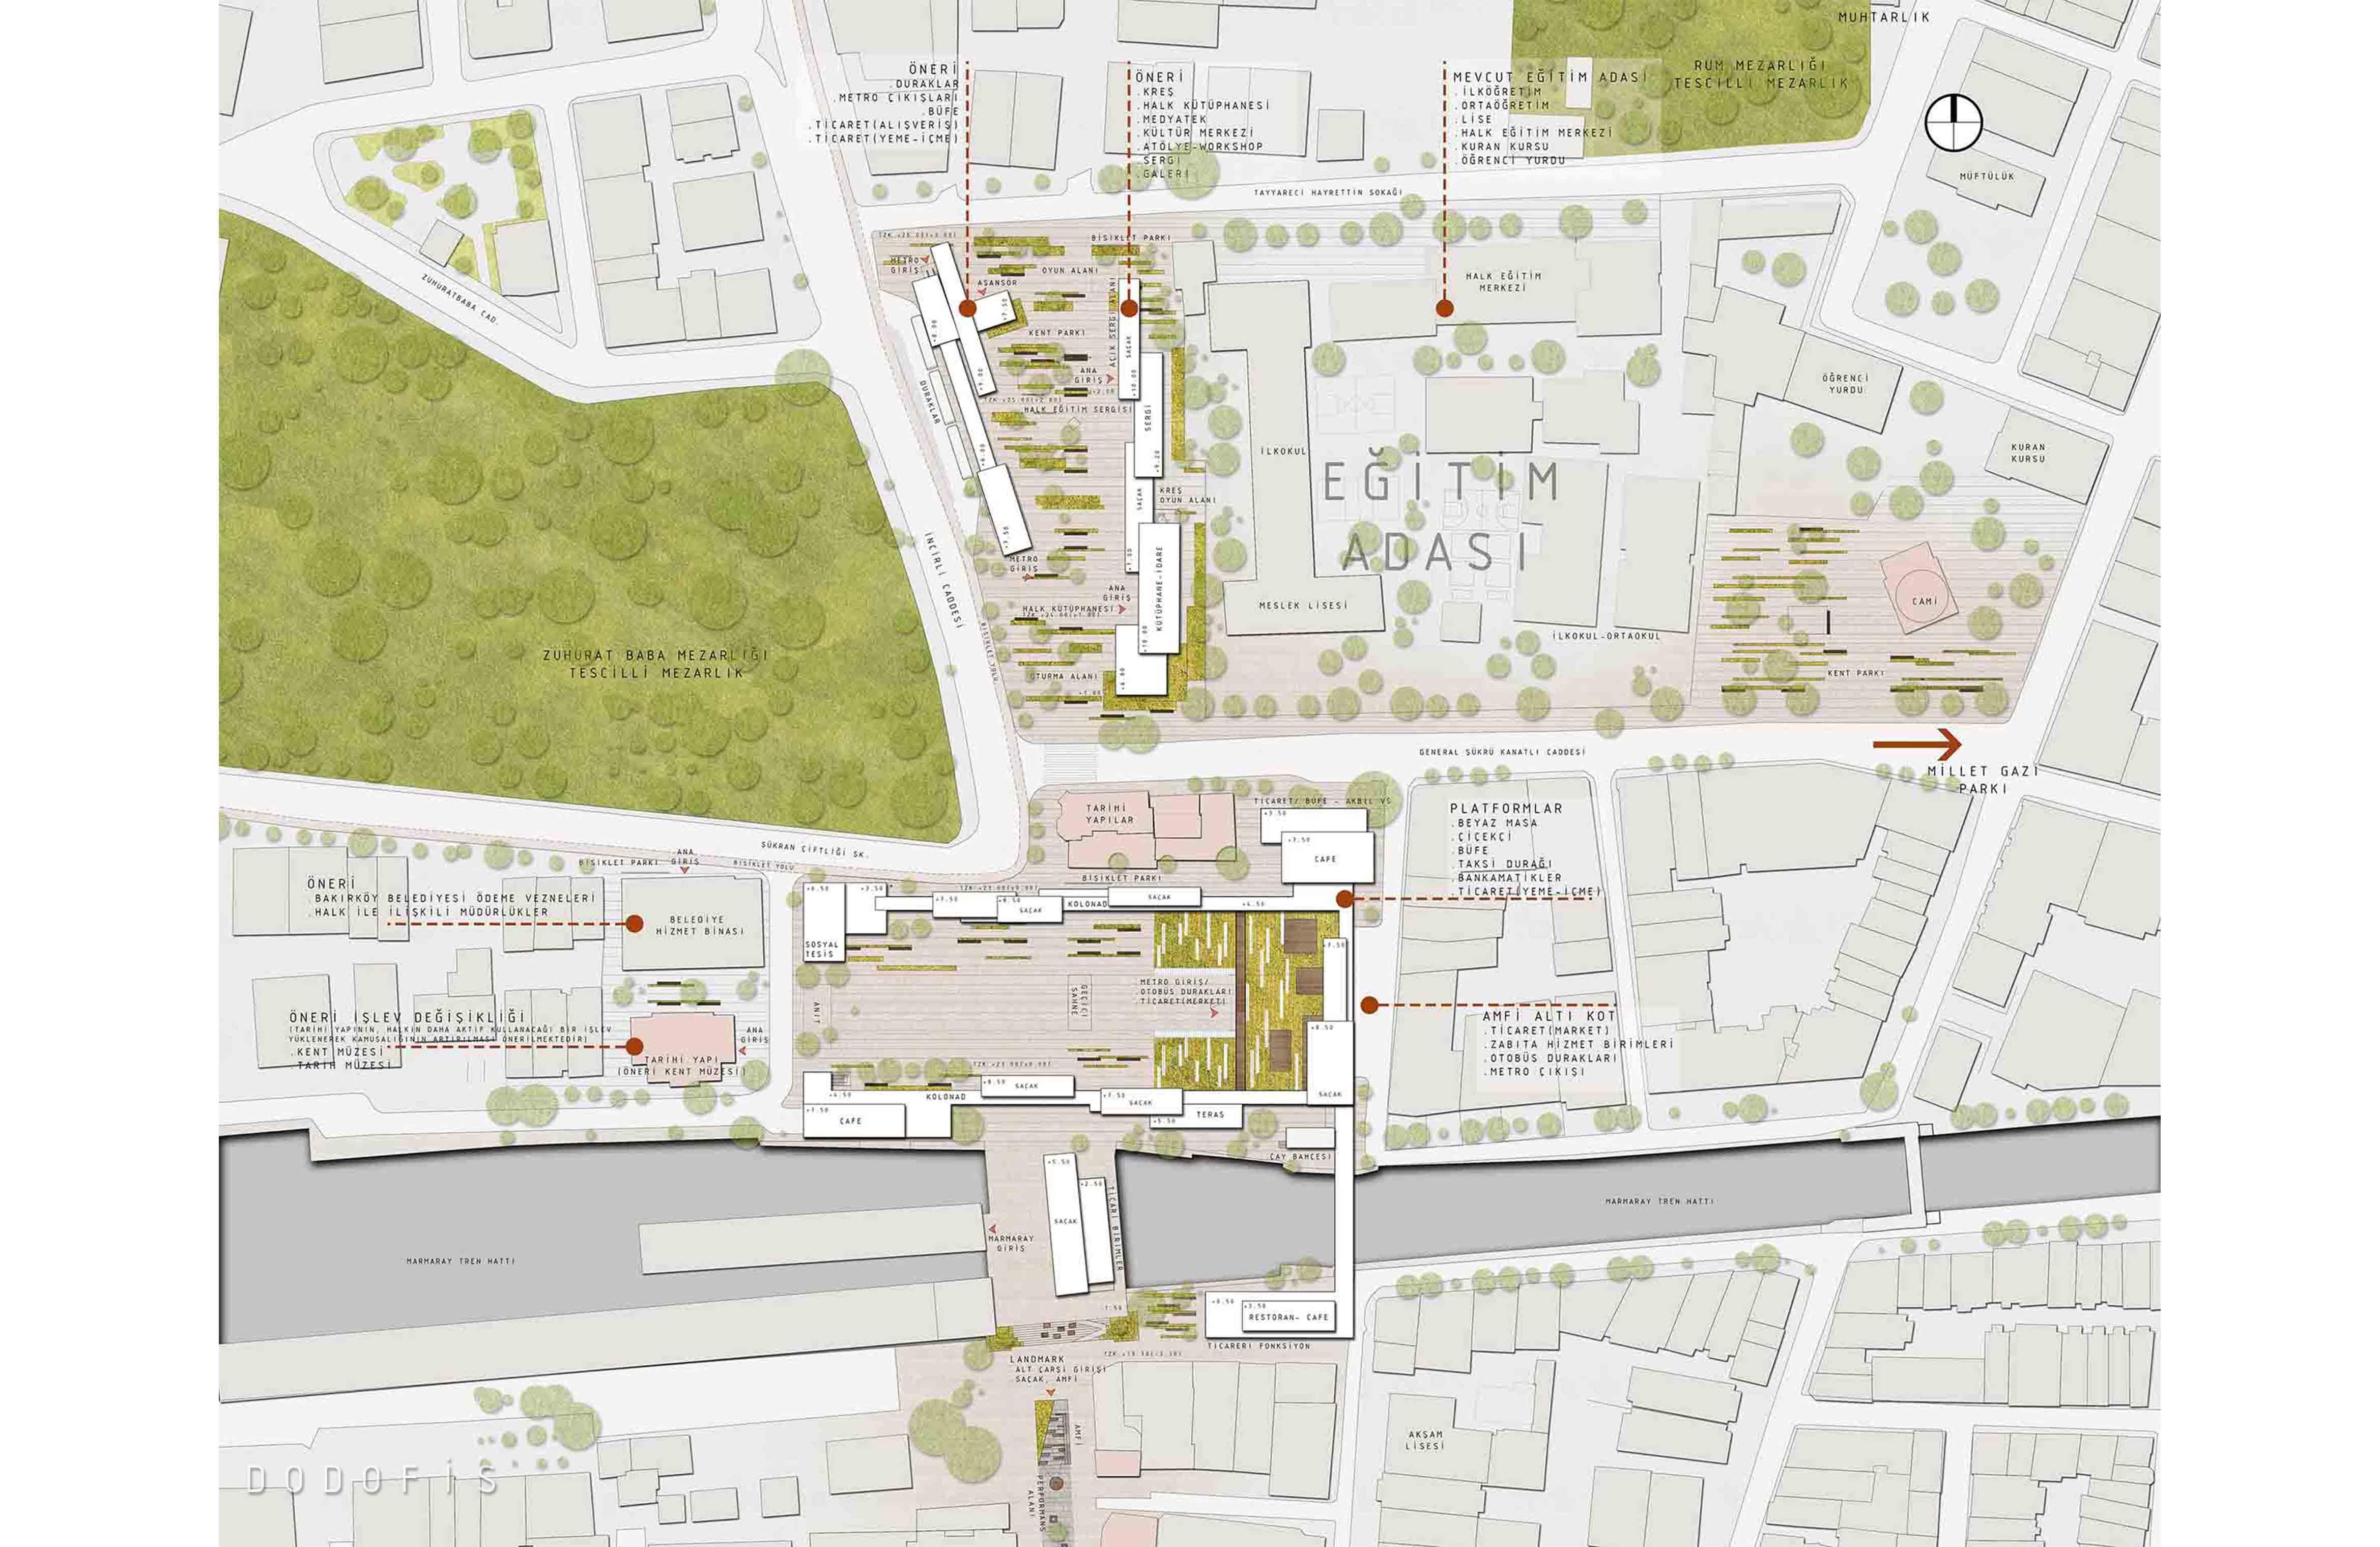 dodofis mimarlık bakırköy meydanı kentsel tasarım projesi